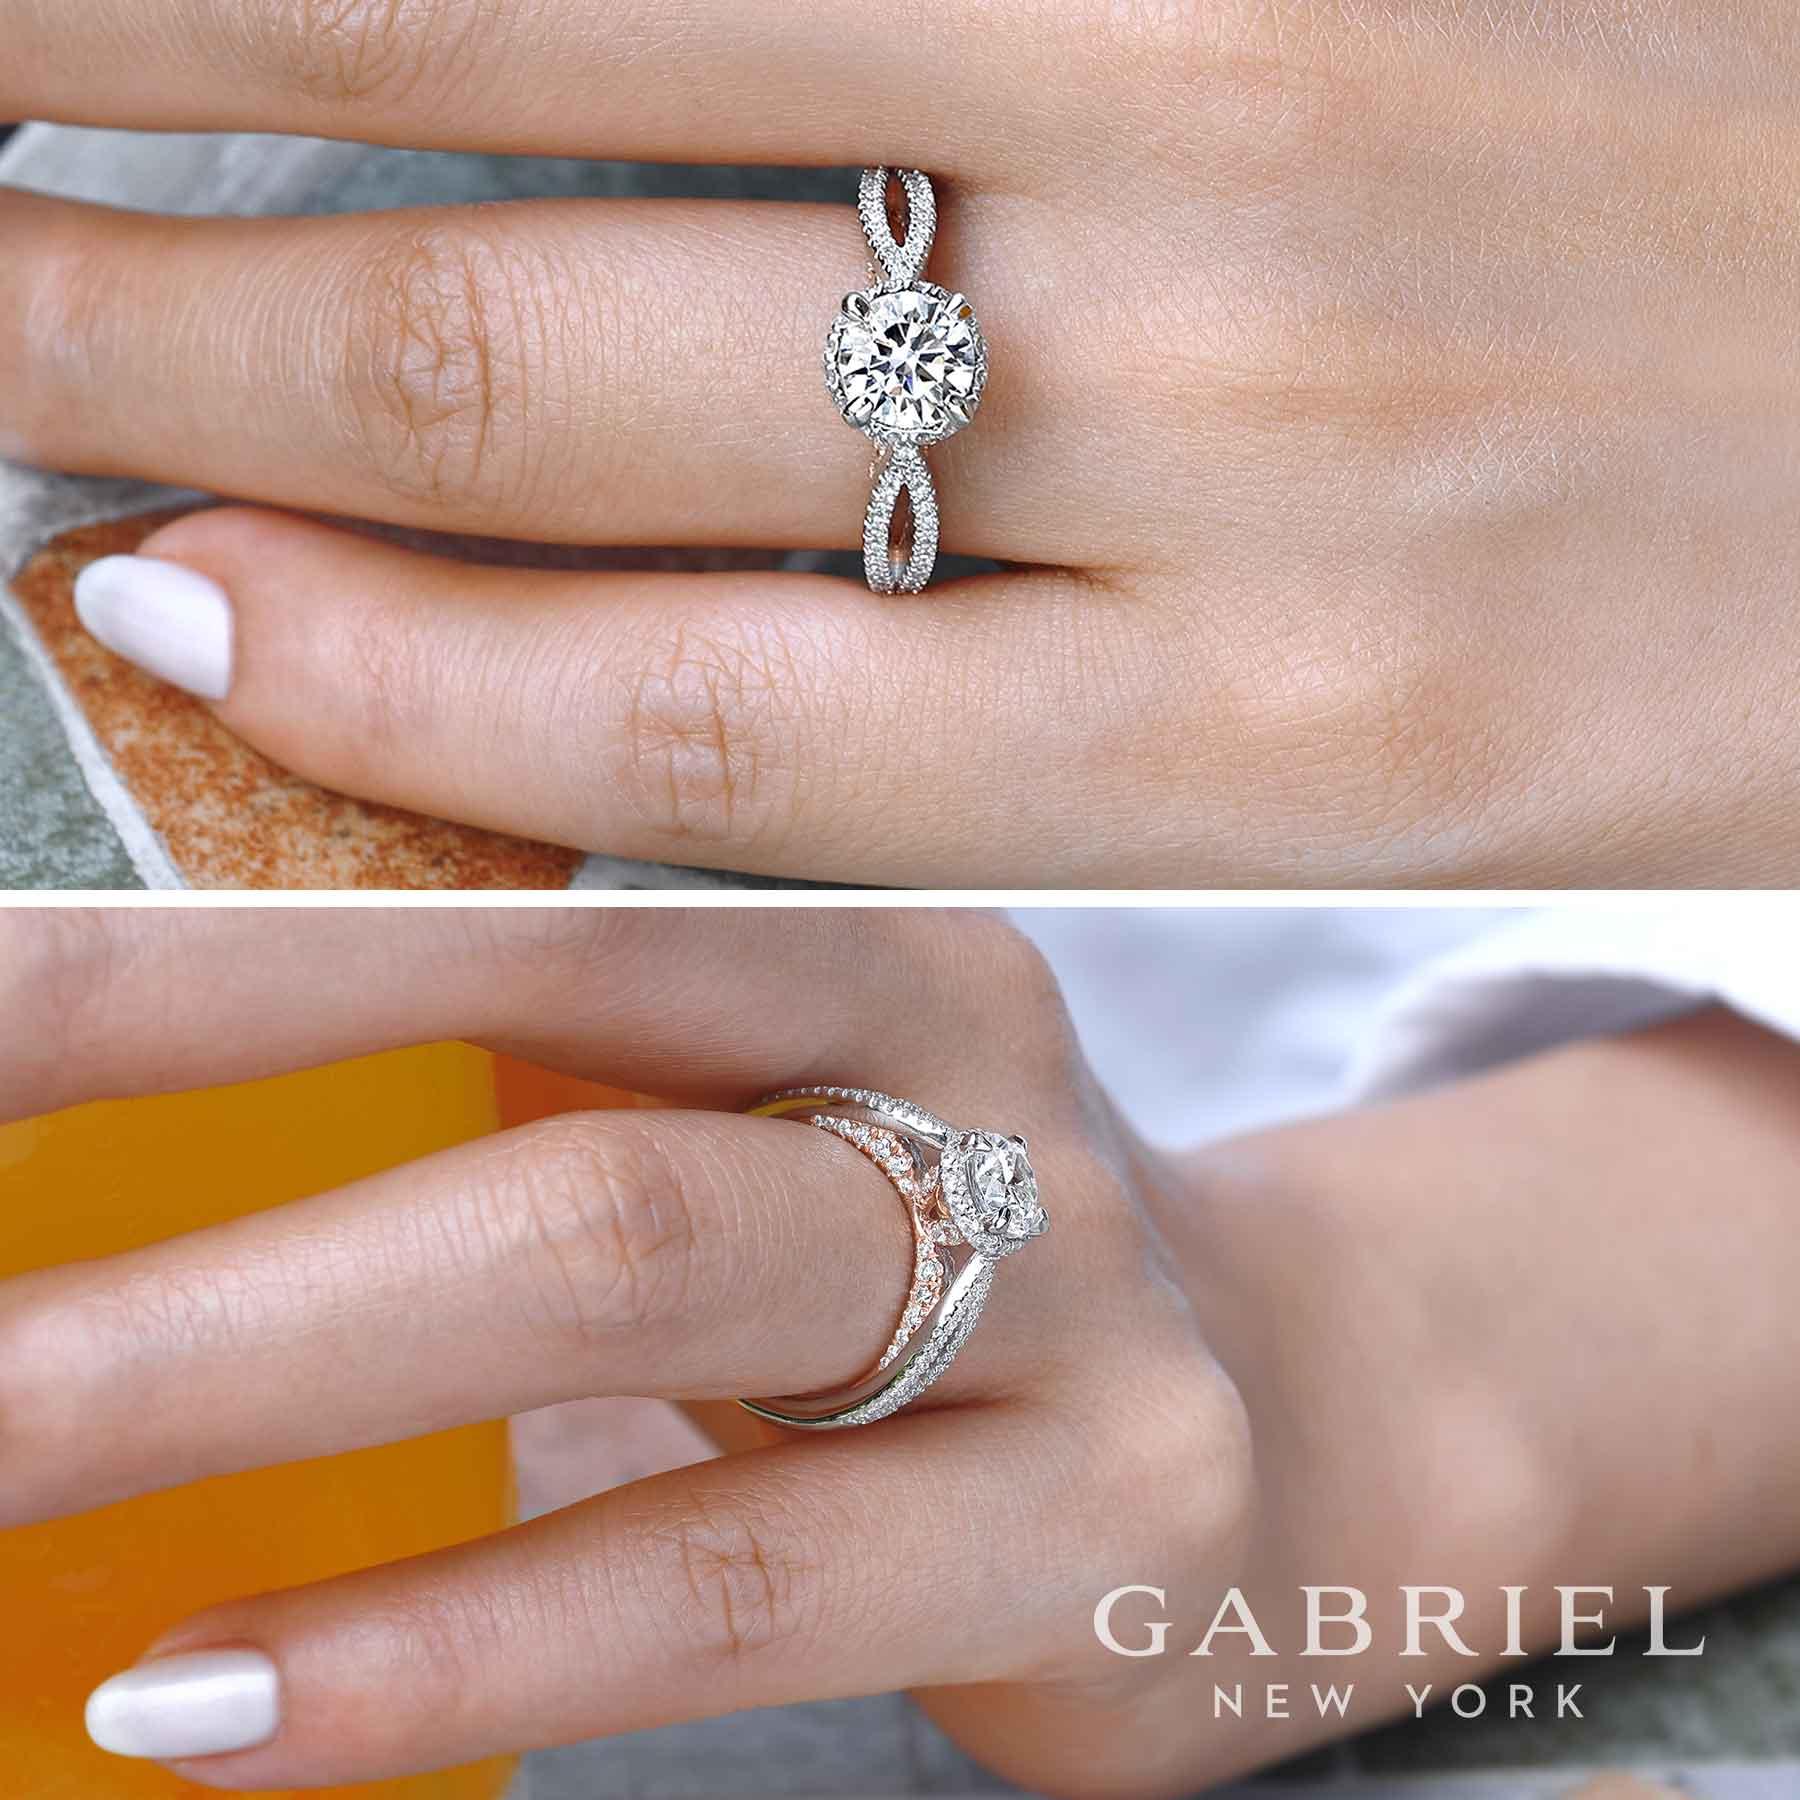 Gabriel & Co New York